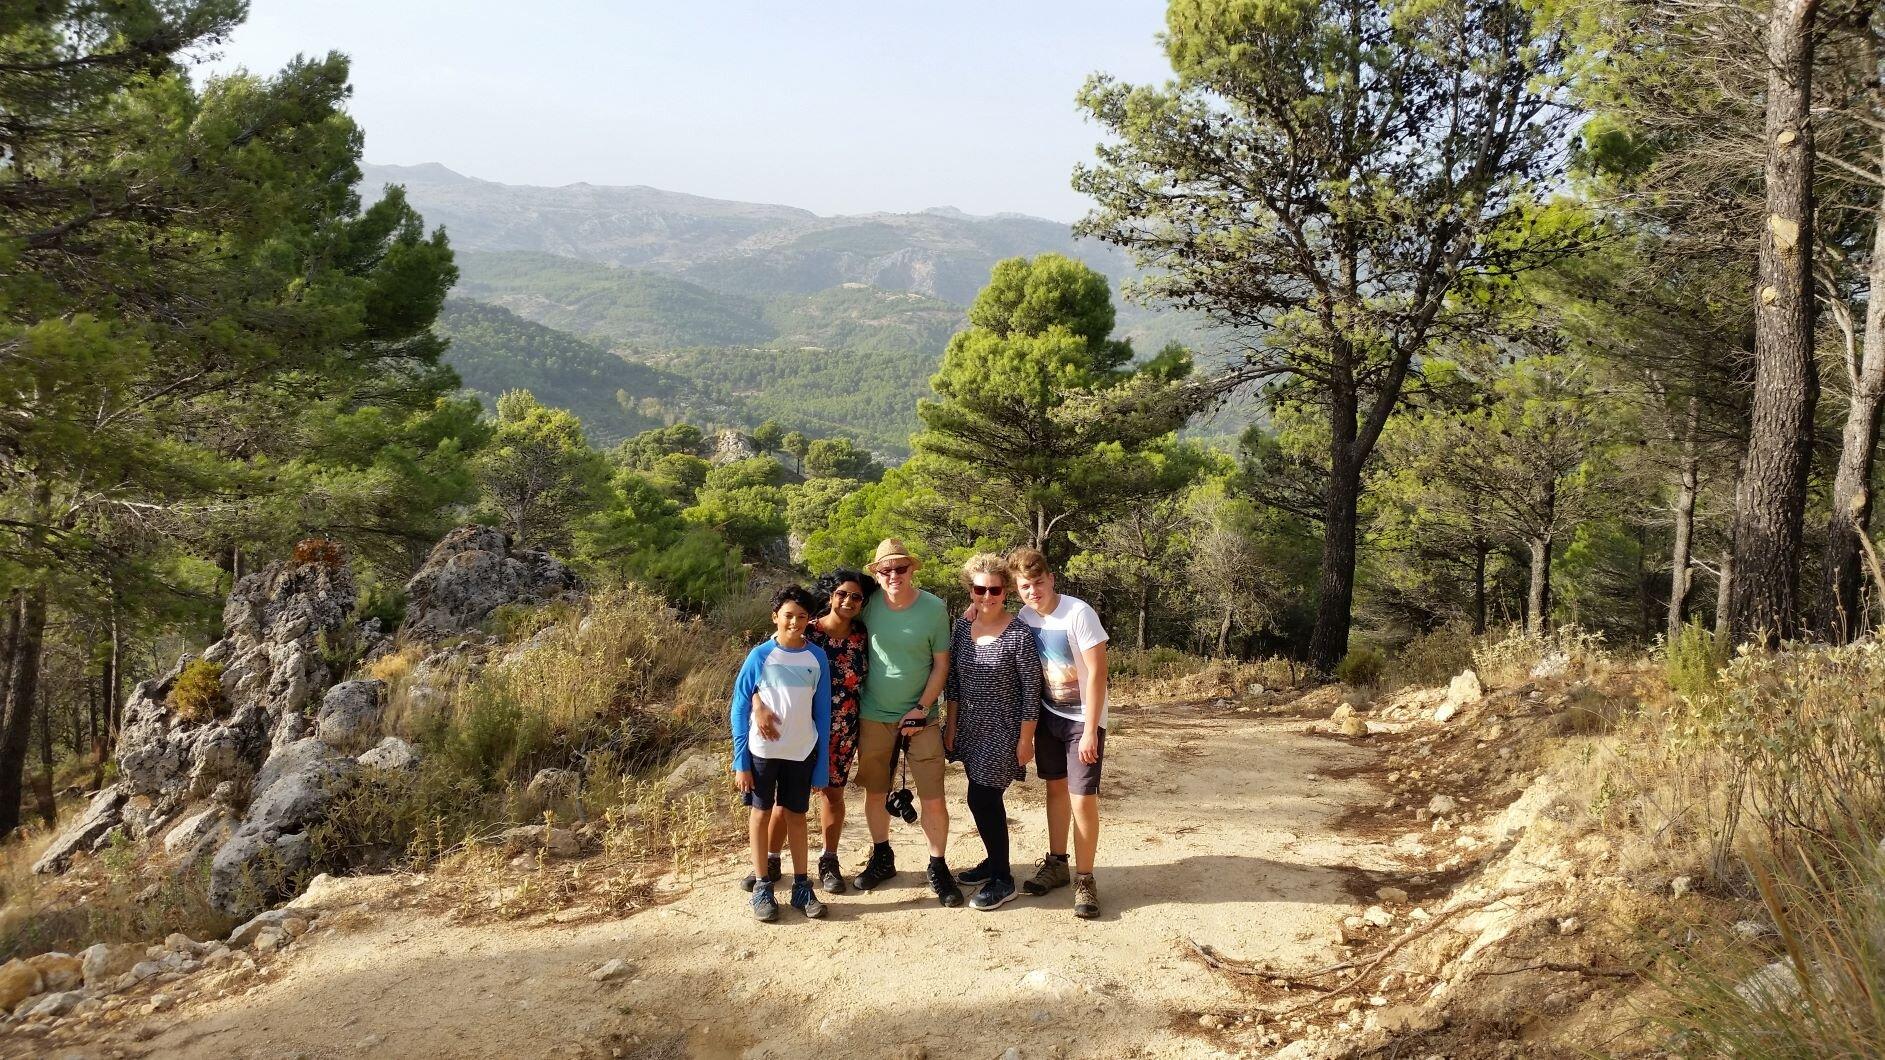 Walking in the sierra de las nieves national park